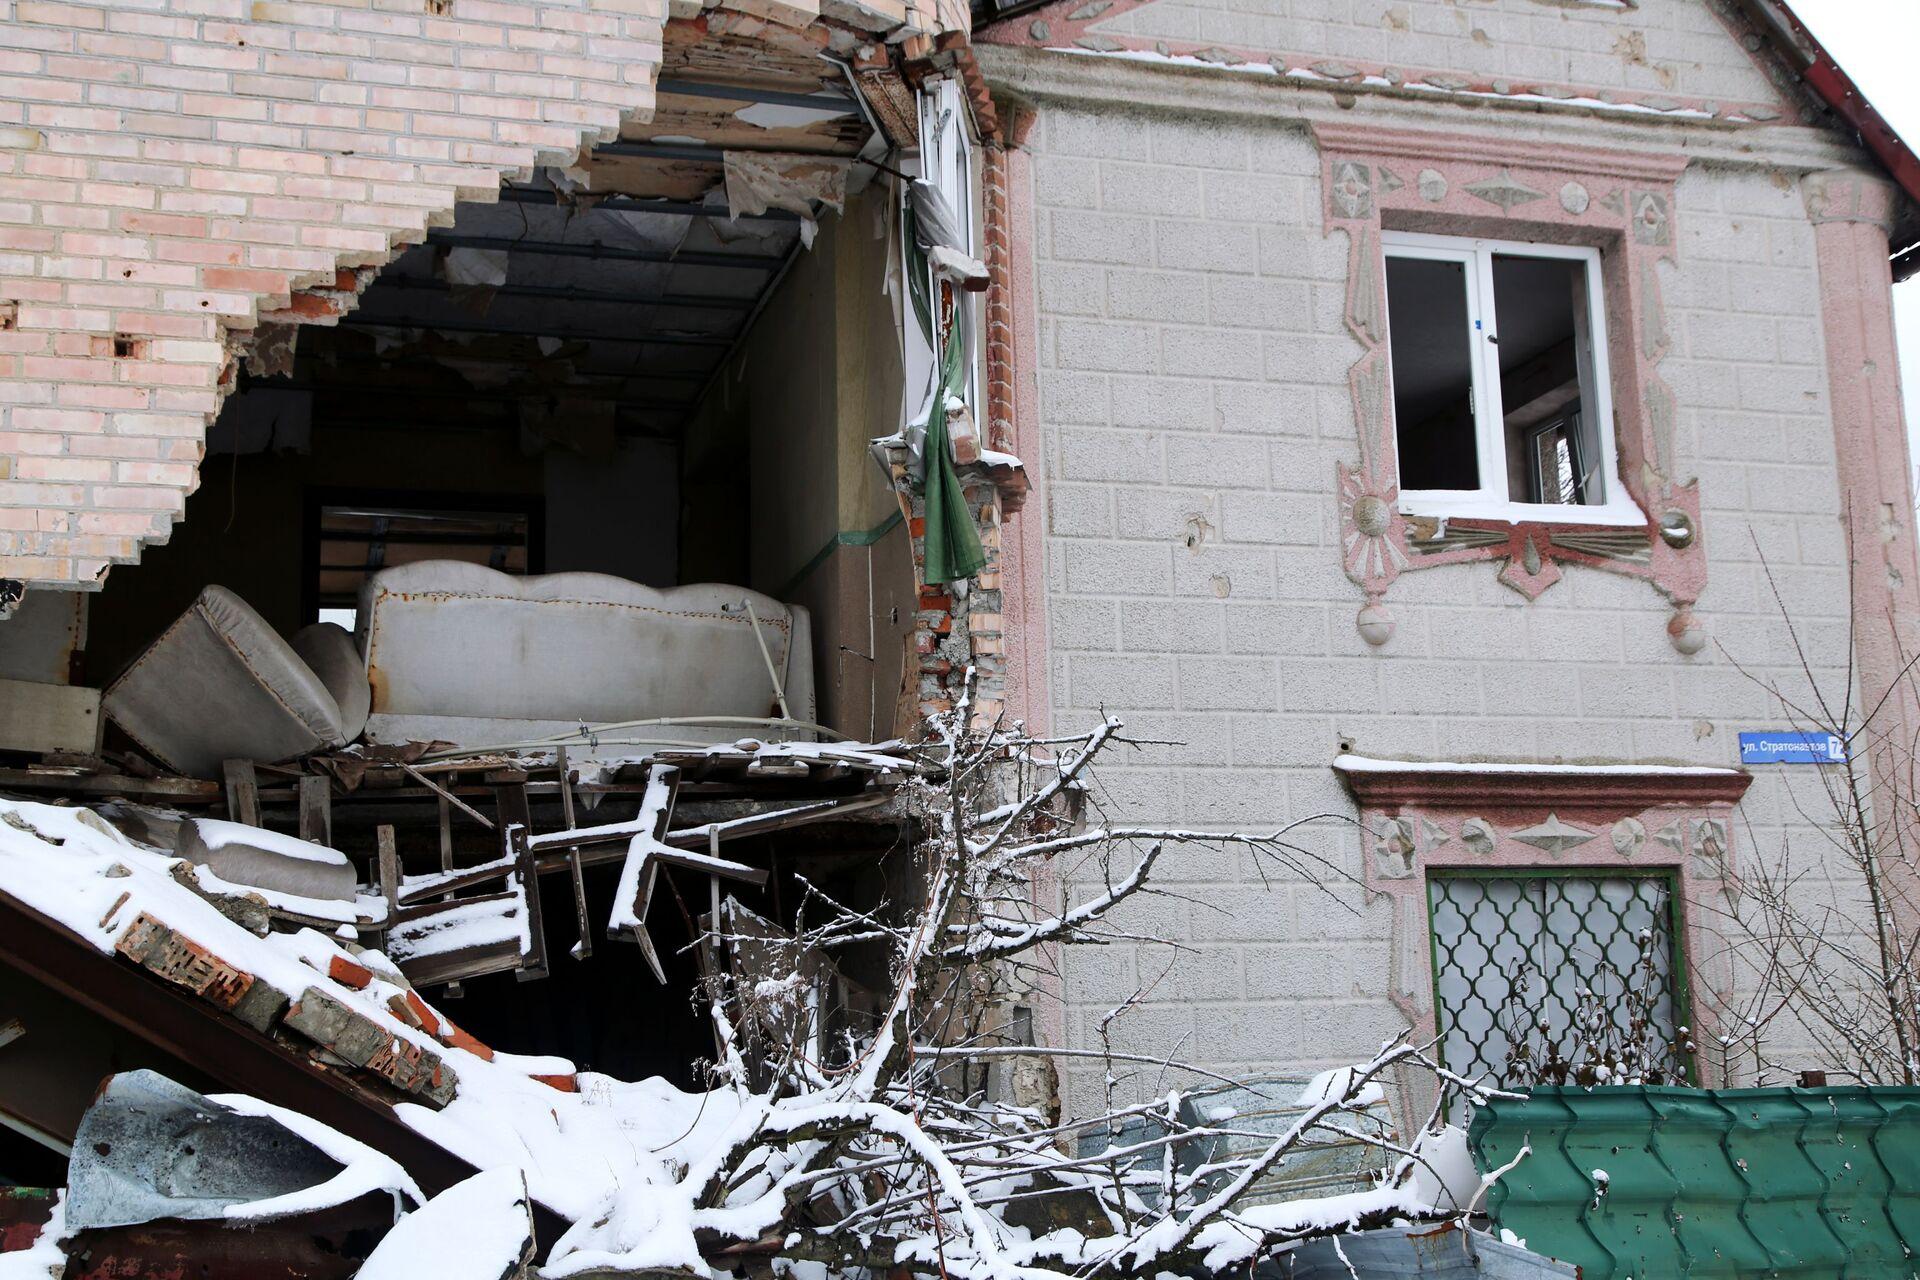 Una casa bombardata lungo la linea di contatto nel Donbass - Sputnik Italia, 1920, 18.05.2021